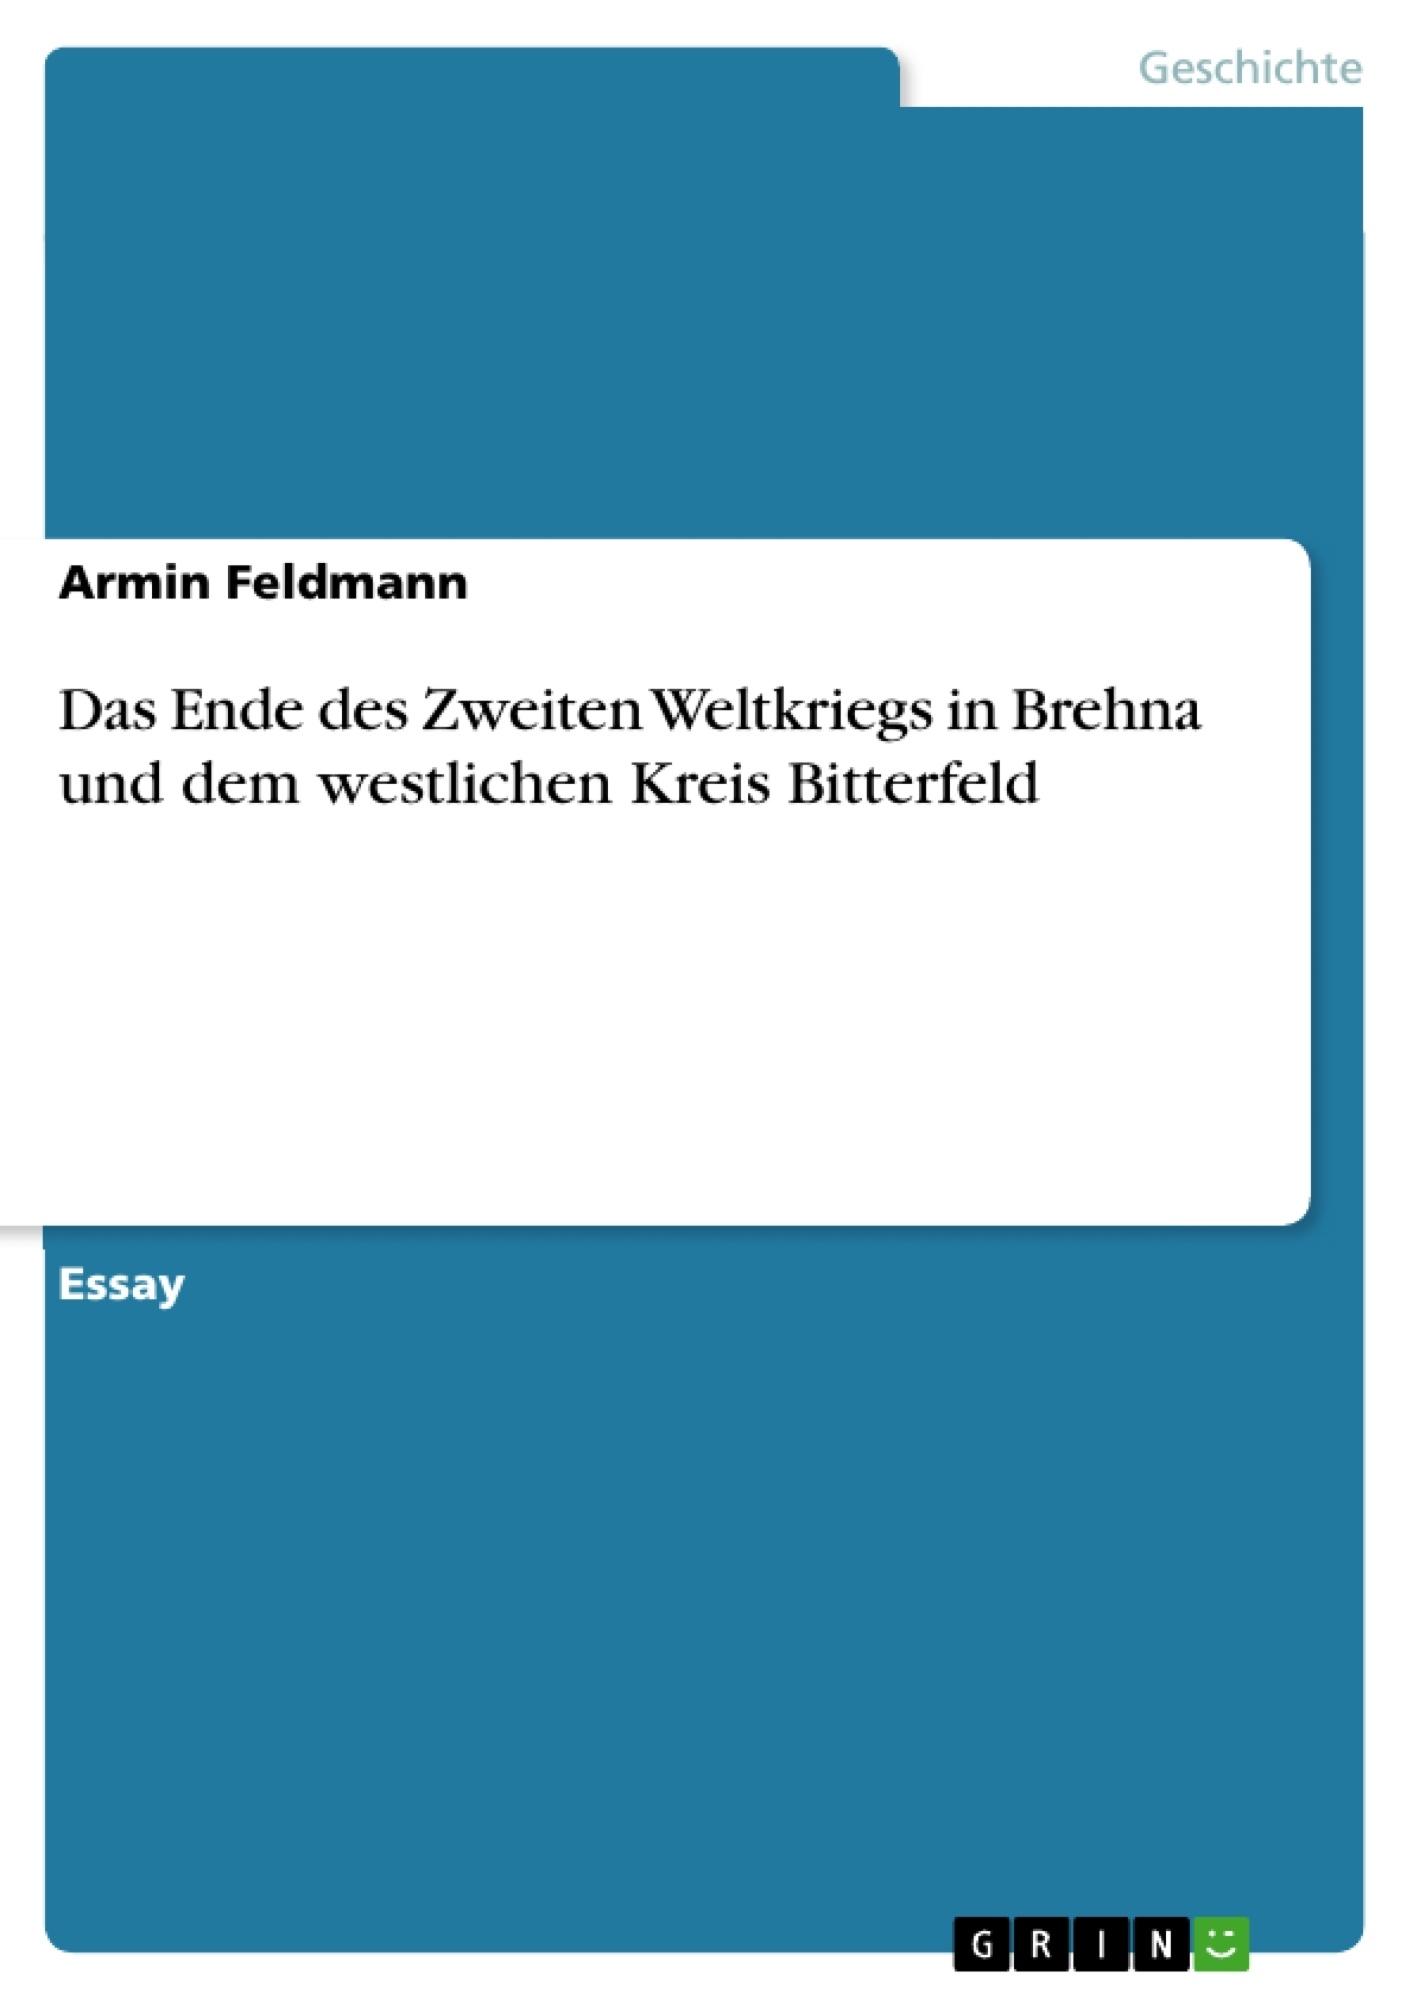 Titel: Das Ende des Zweiten Weltkriegs in Brehna und dem westlichen Kreis Bitterfeld